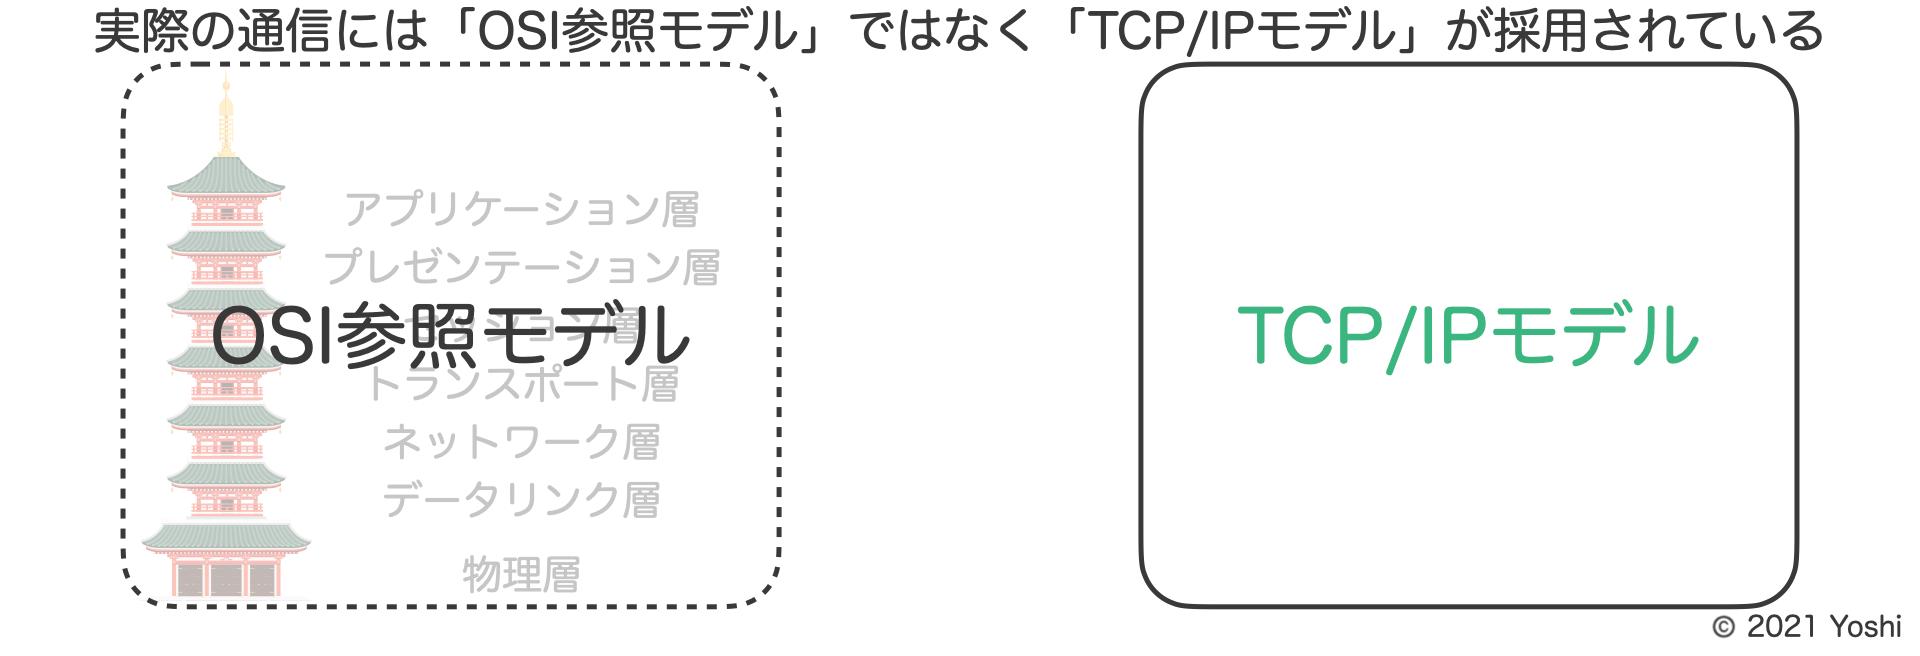 実際の通信にはOSI参照モデルではなくTCP/IPモデルが使用されている